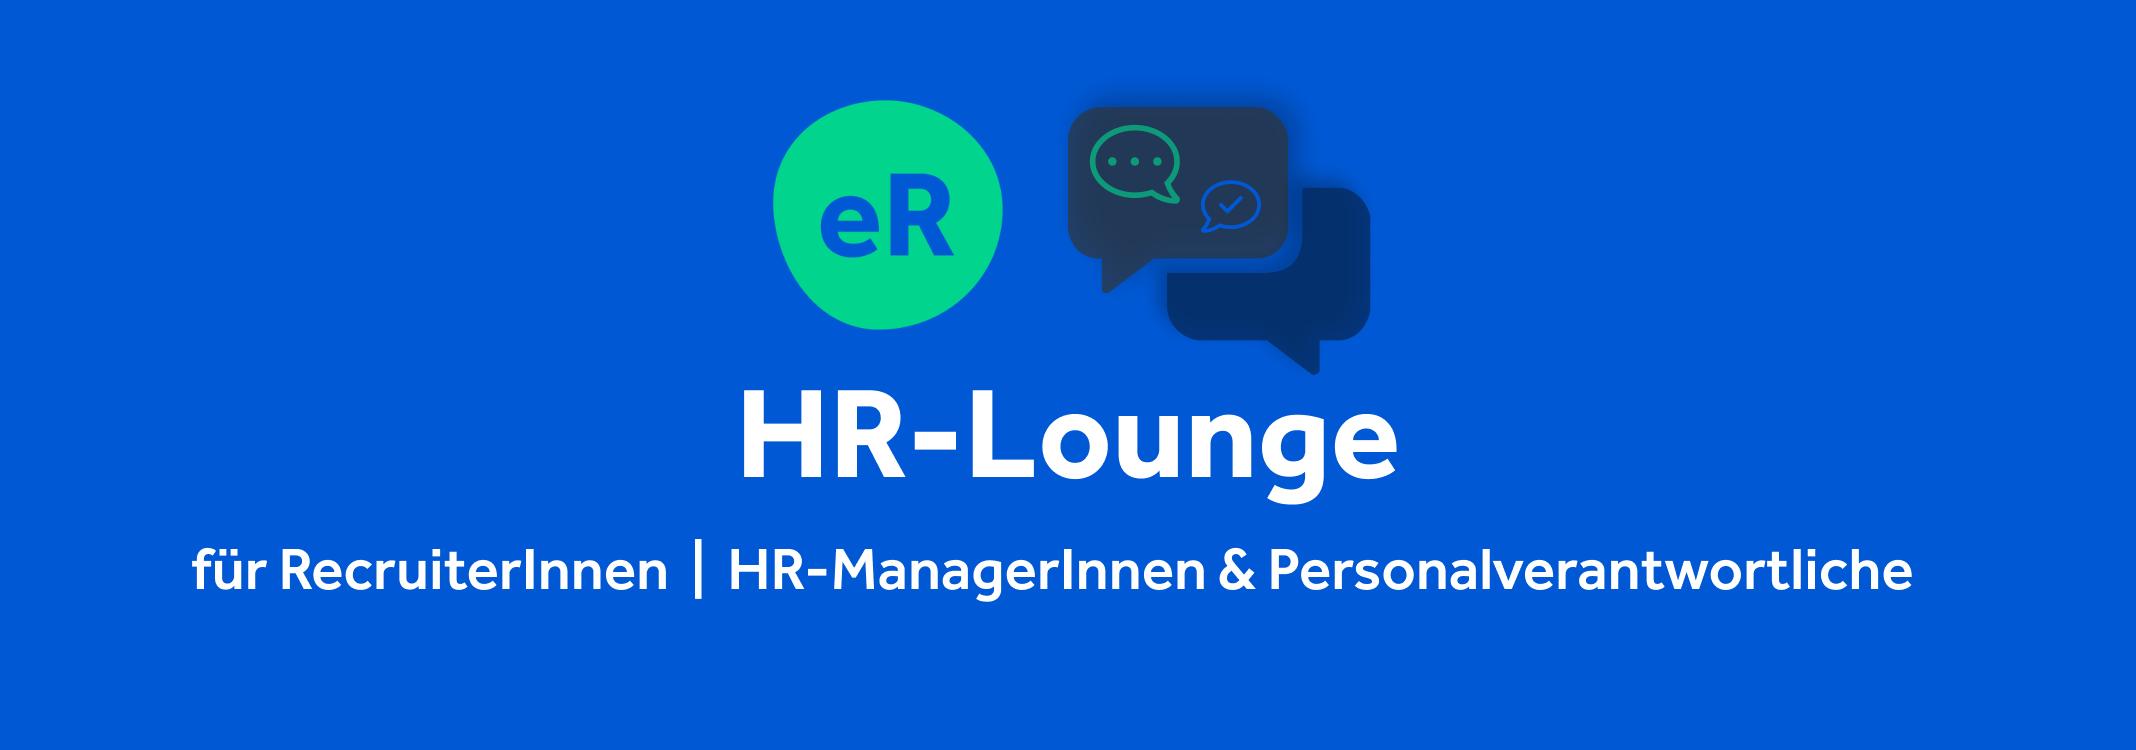 Header eR HR Lounge